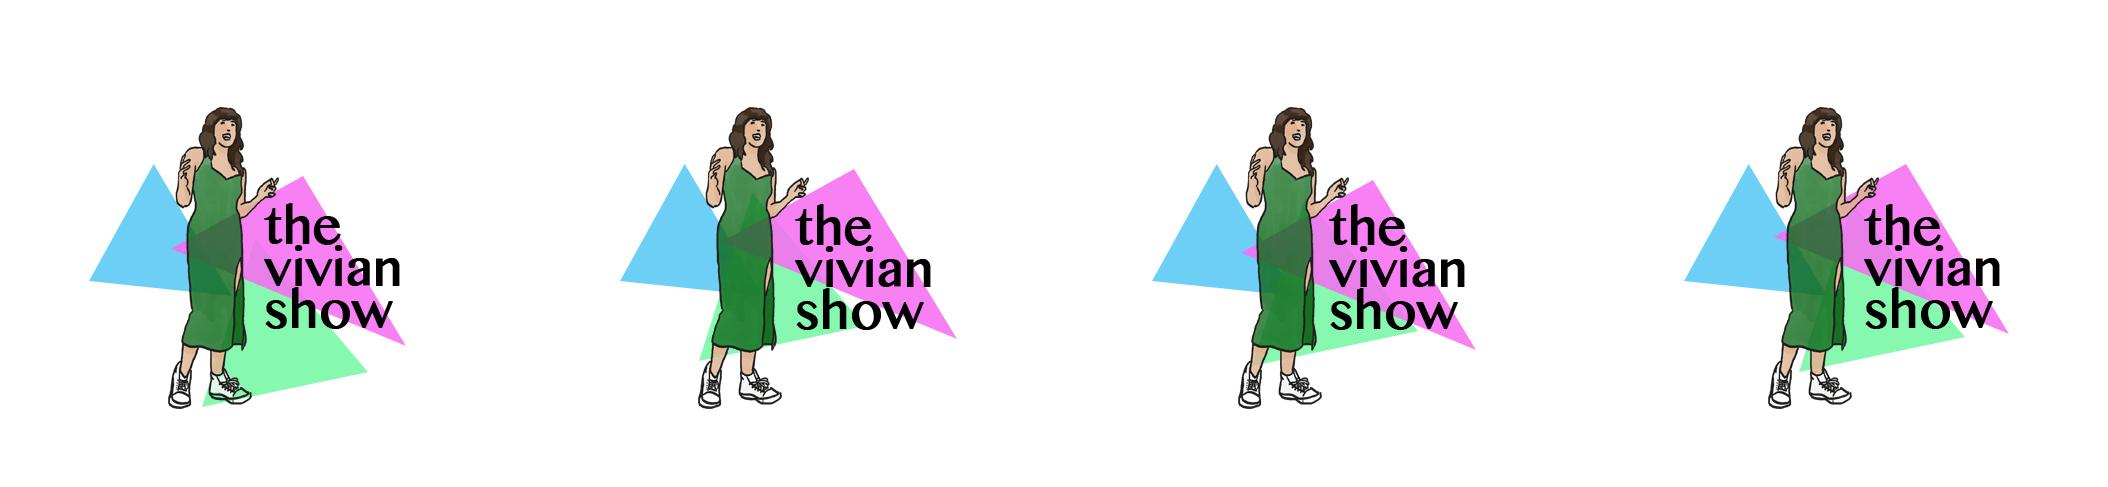 the-vivian-show-banner